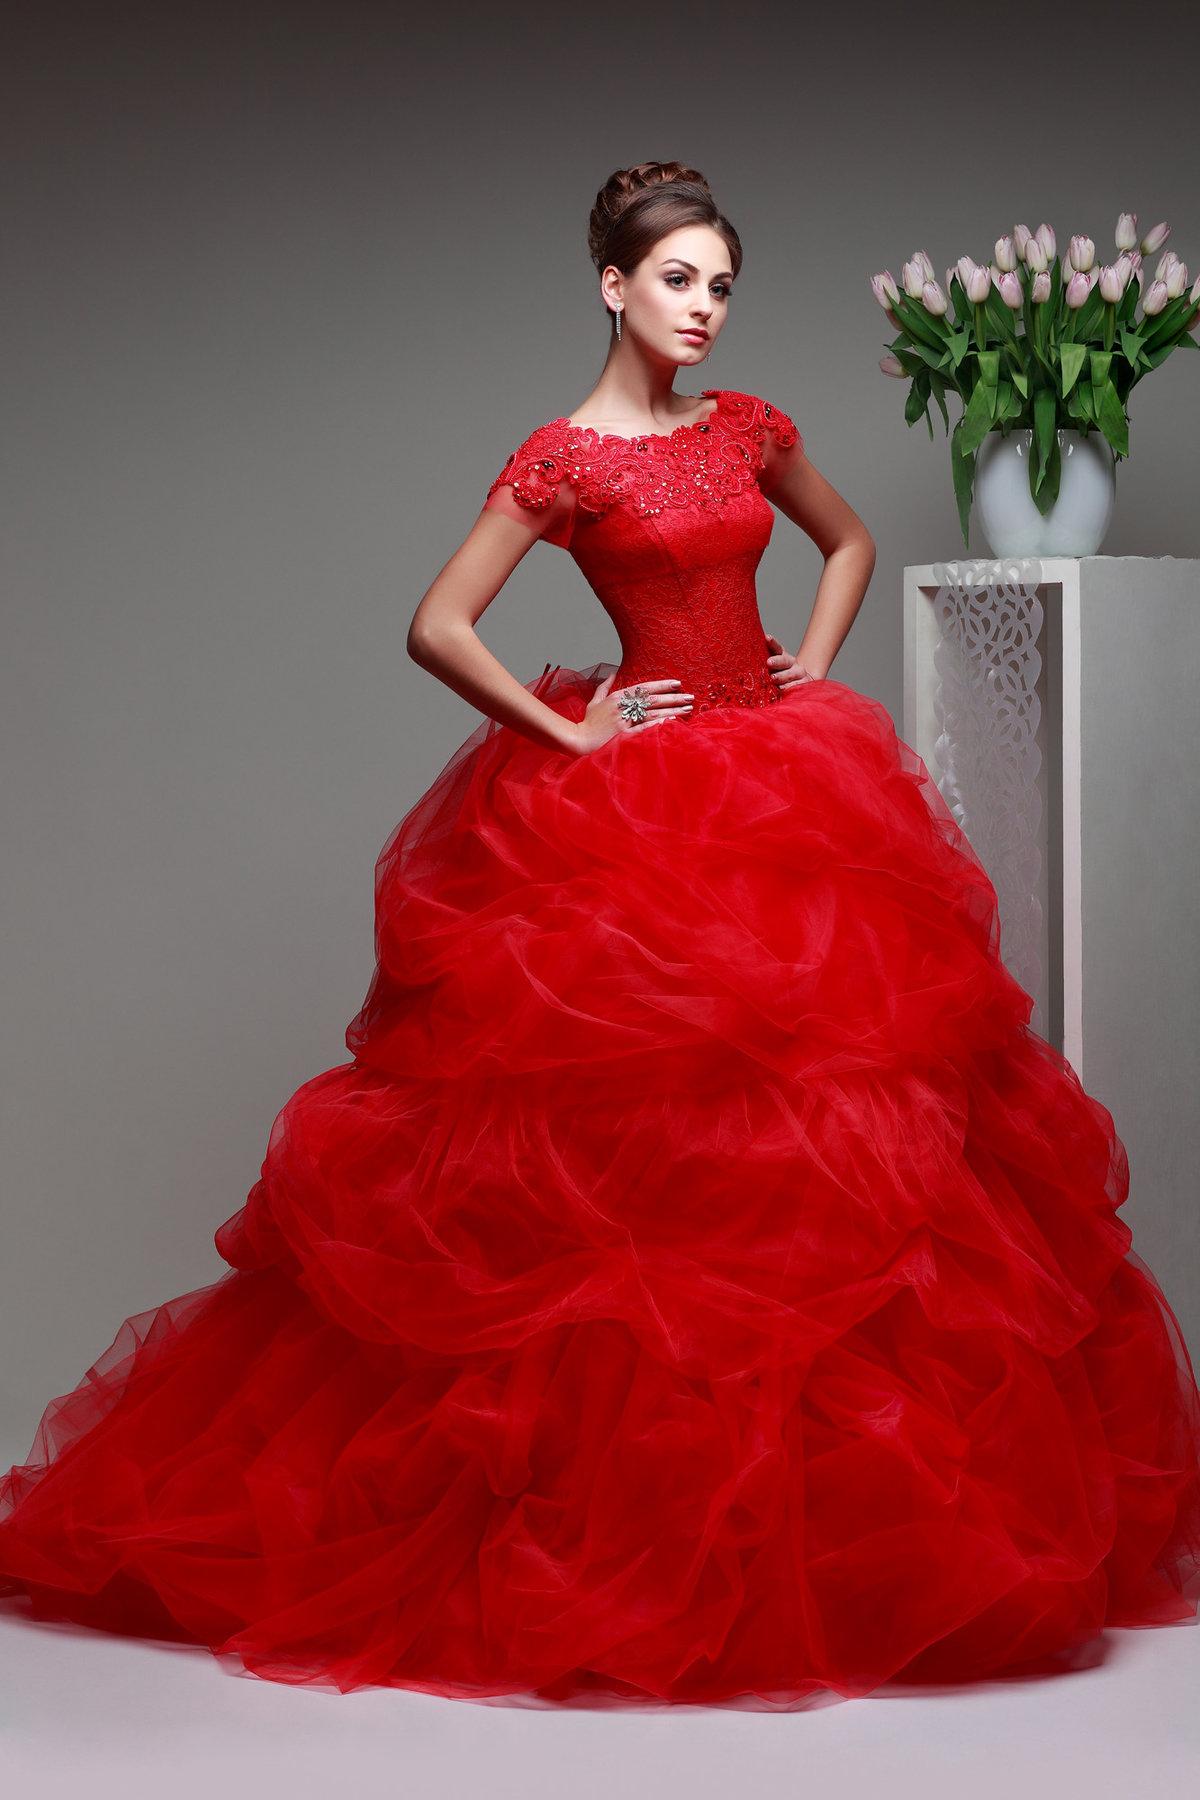 фото и картинки красивых платьев девушка, свою